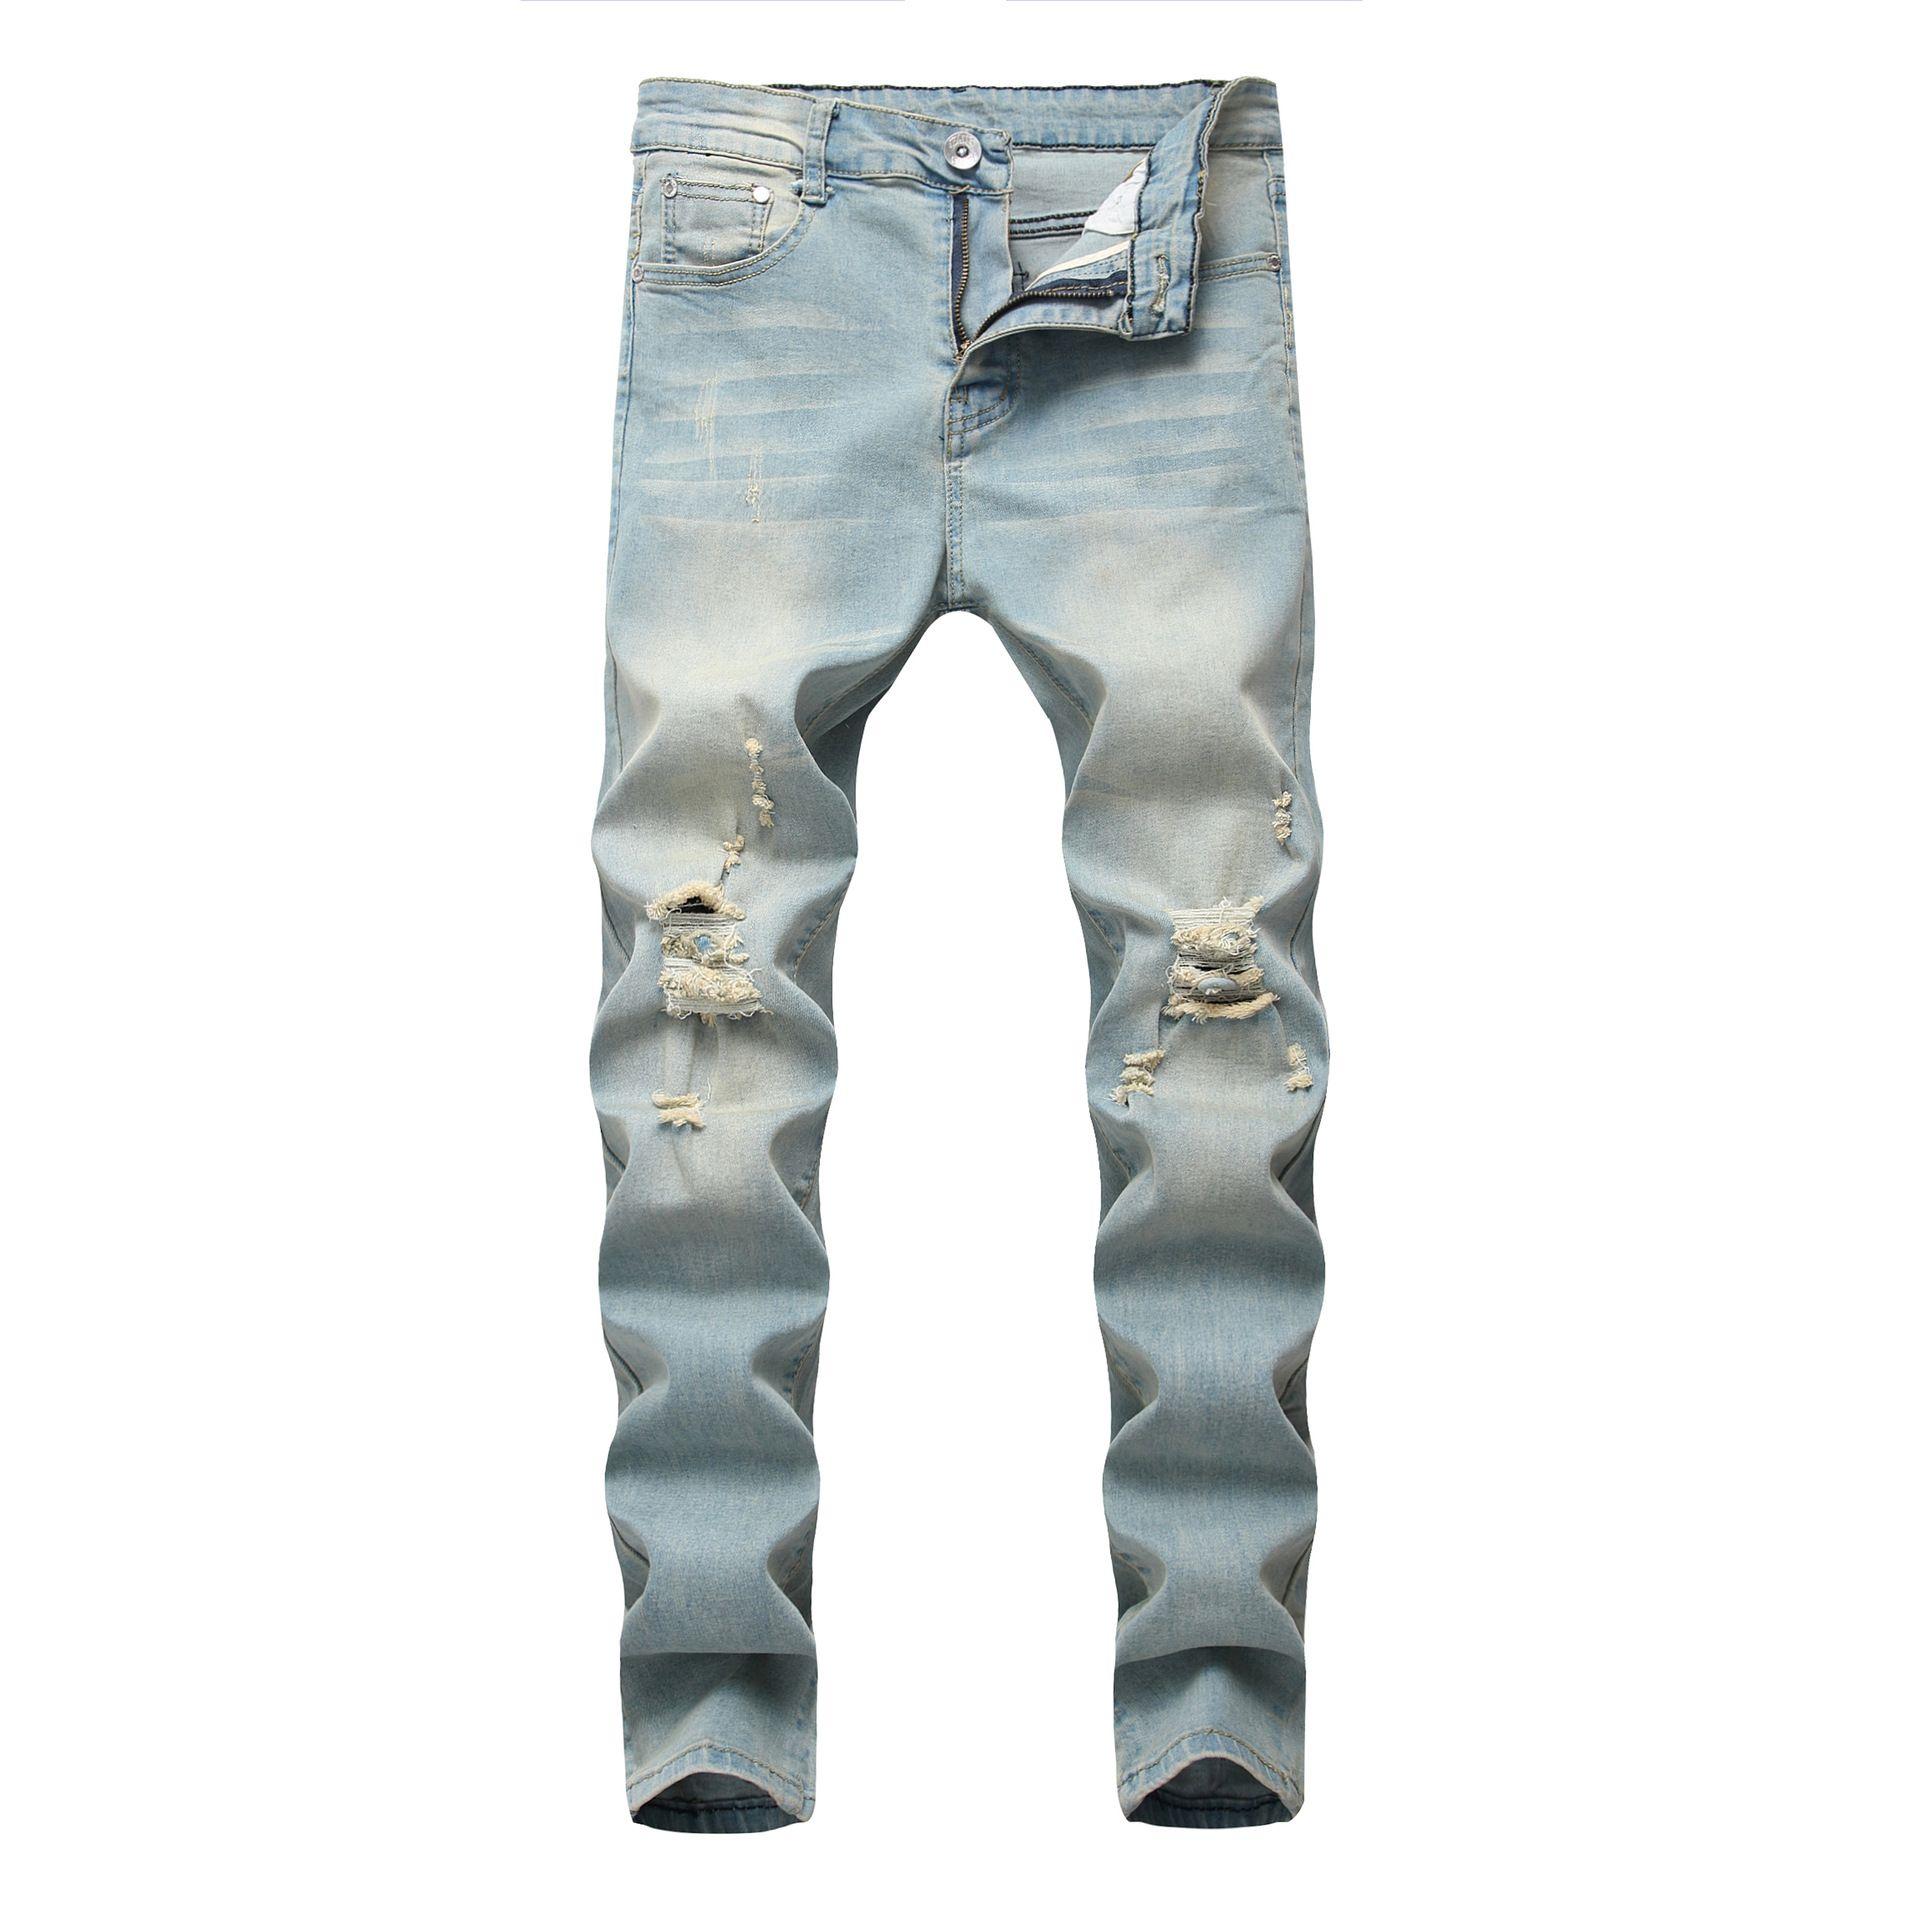 Mens Jeans Pencil Jeans Men Denim alta cintura elástica Desgastado Calças Fora Slim Fit neve azul pálido bolso Zipperd longas